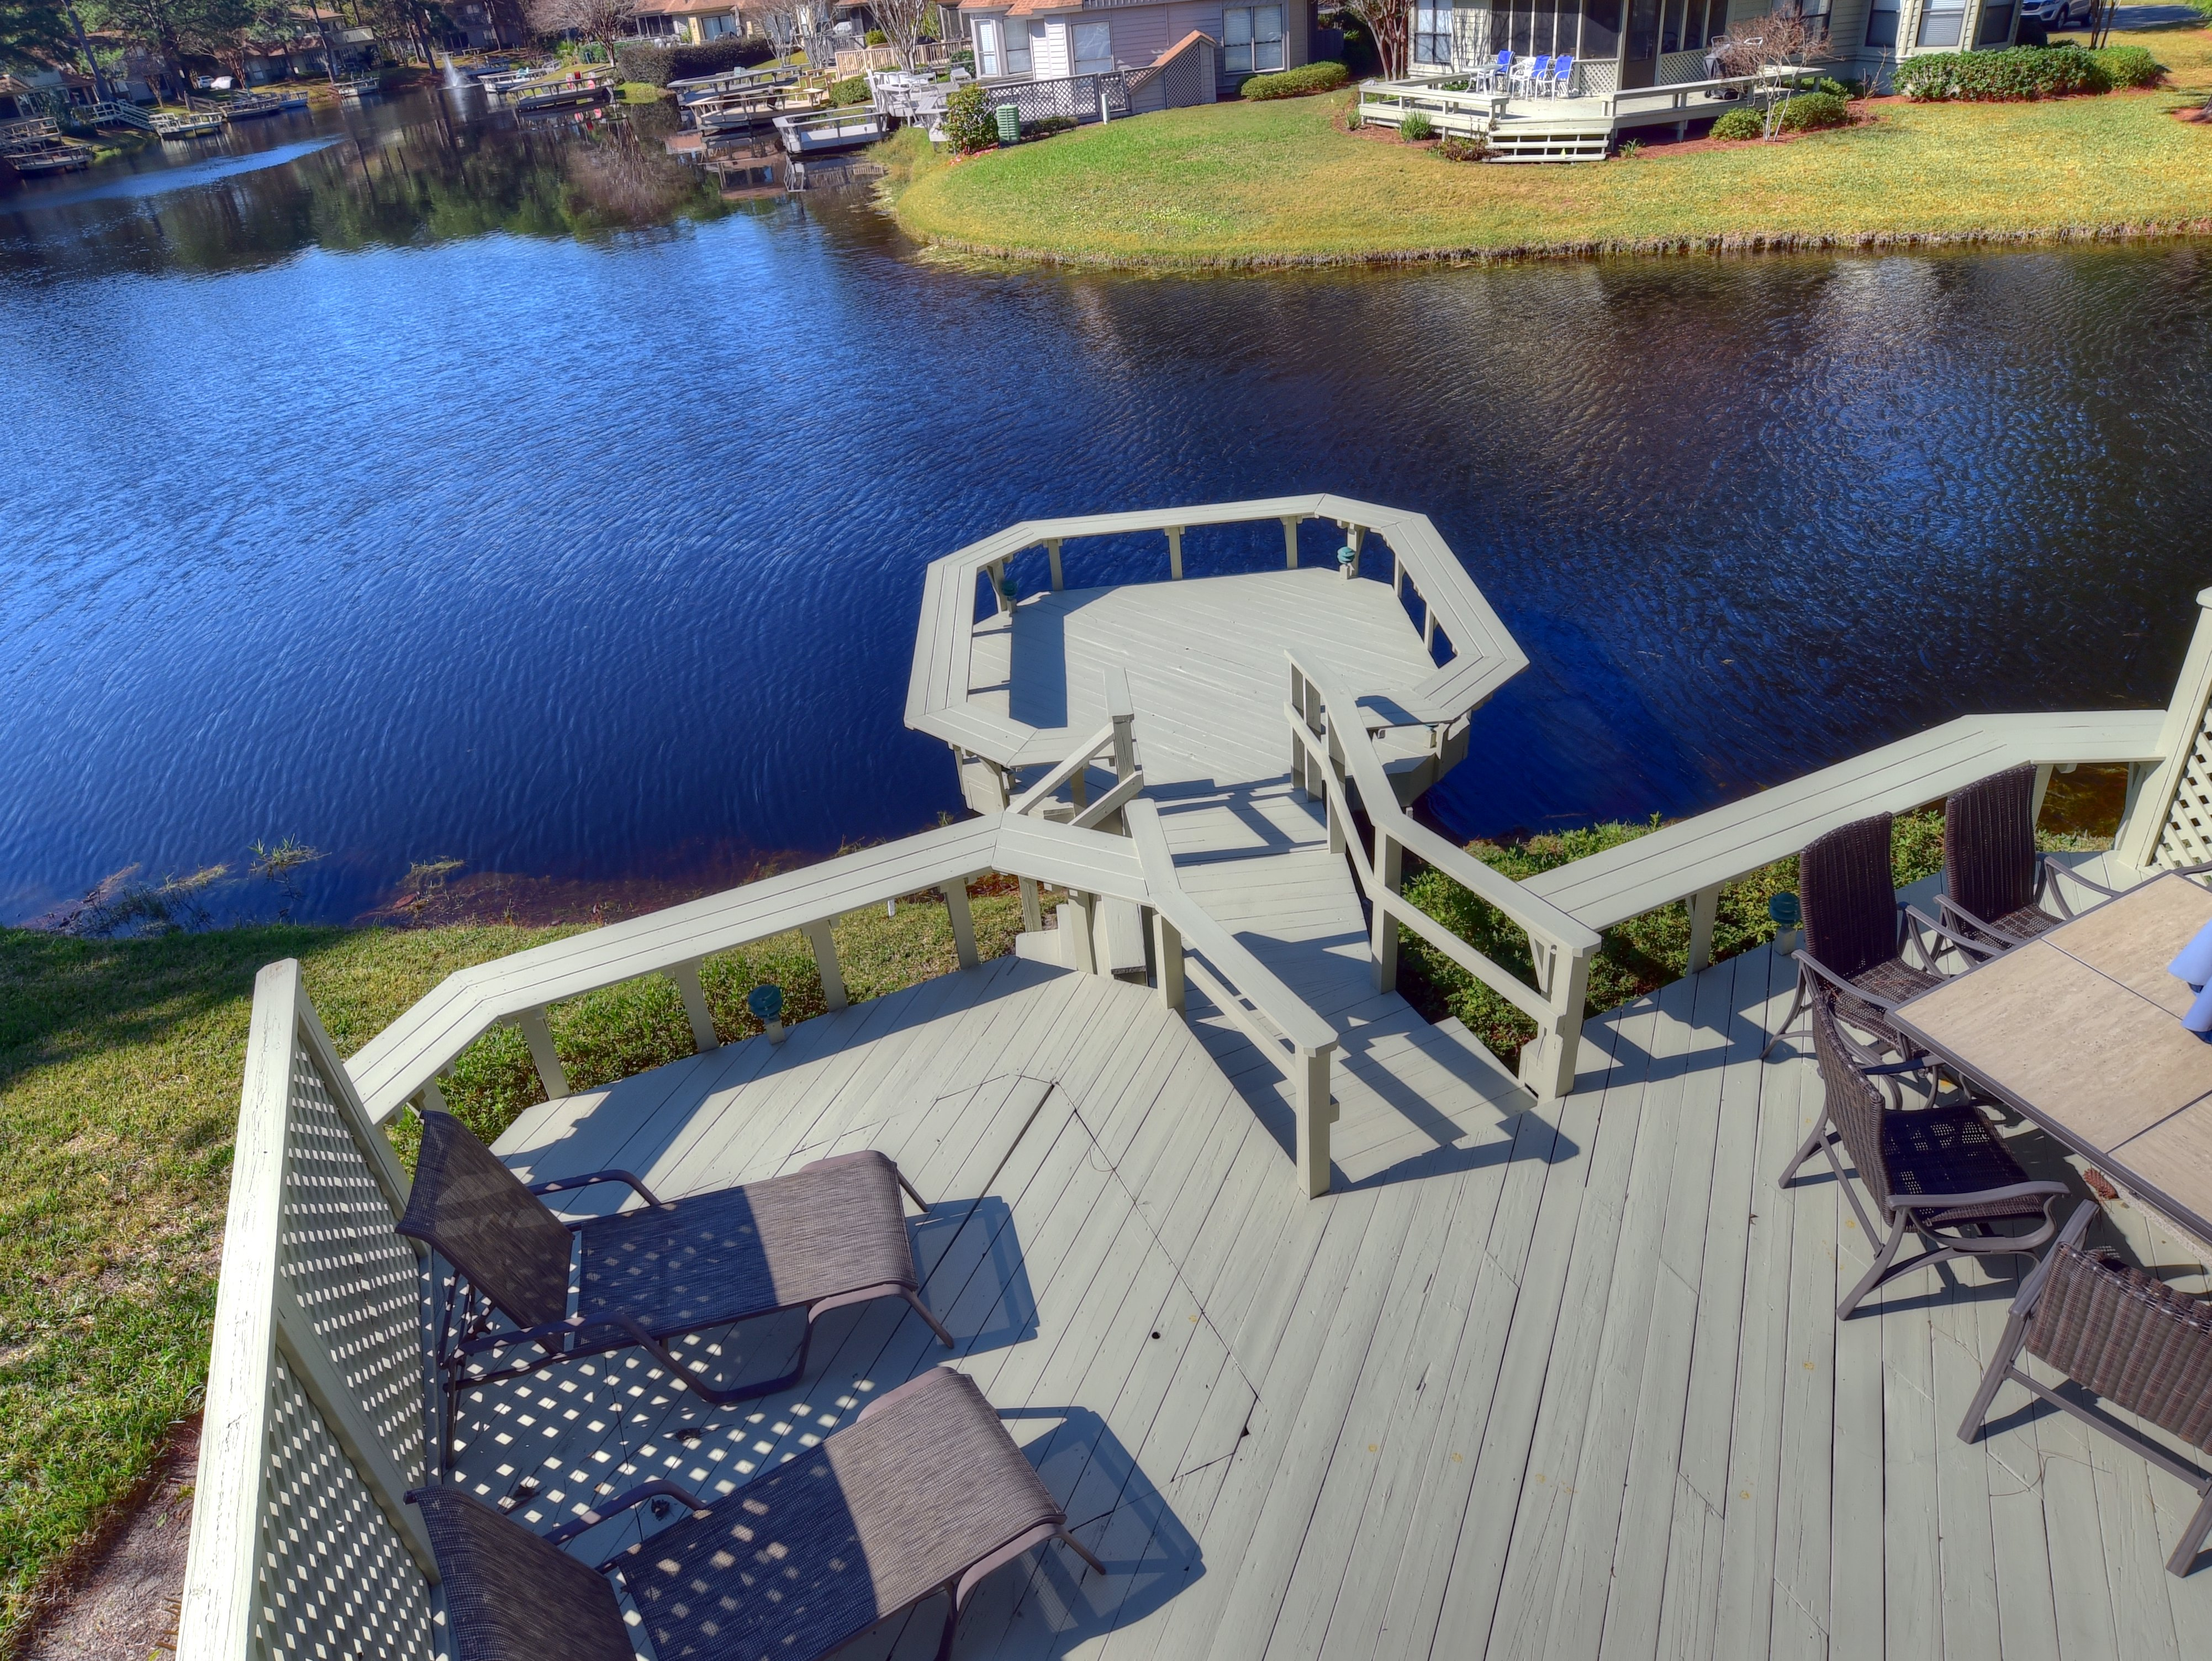 205 Fairways Condo rental in Sandestin Rentals ~ Cottages and Villas  in Destin Florida - #22